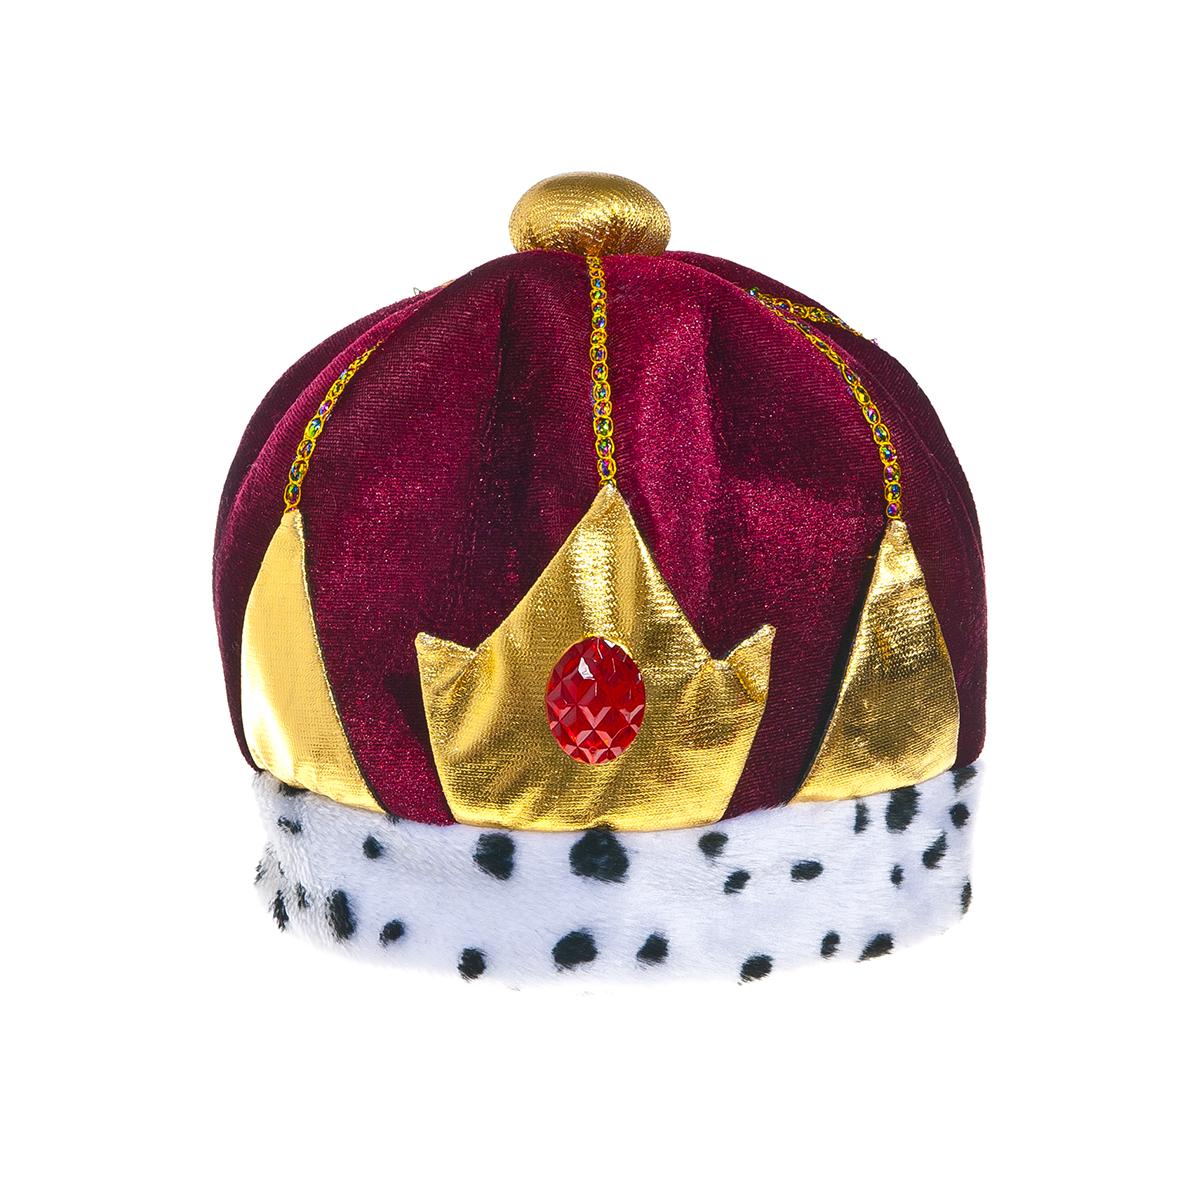 Шляпа карнавальная Lunten Ranta Царь66214Карнавальная шляпа Lunten Ranta Царь выполнена из мягкого бархатистого на ощупь полиэстера. Изделие представляет собой царскую шапку, украшенную разноцветными стразами, крупным красным камнем и золотистыми элементами. Карнавальная шляпа Царь великолепно дополнит образ вашего персонажа, подчеркнет его характер и сформирует облик в целом. Если у вас намечается веселая вечеринка или маскарад, то такая шляпа легко поможет создать праздничный наряд. Внесите нотку задора и веселья в ваш праздник. Веселое настроение и масса положительных эмоций вам будут обеспечены! Высота шляпы: 25 см. Диаметр основания: 22 см.